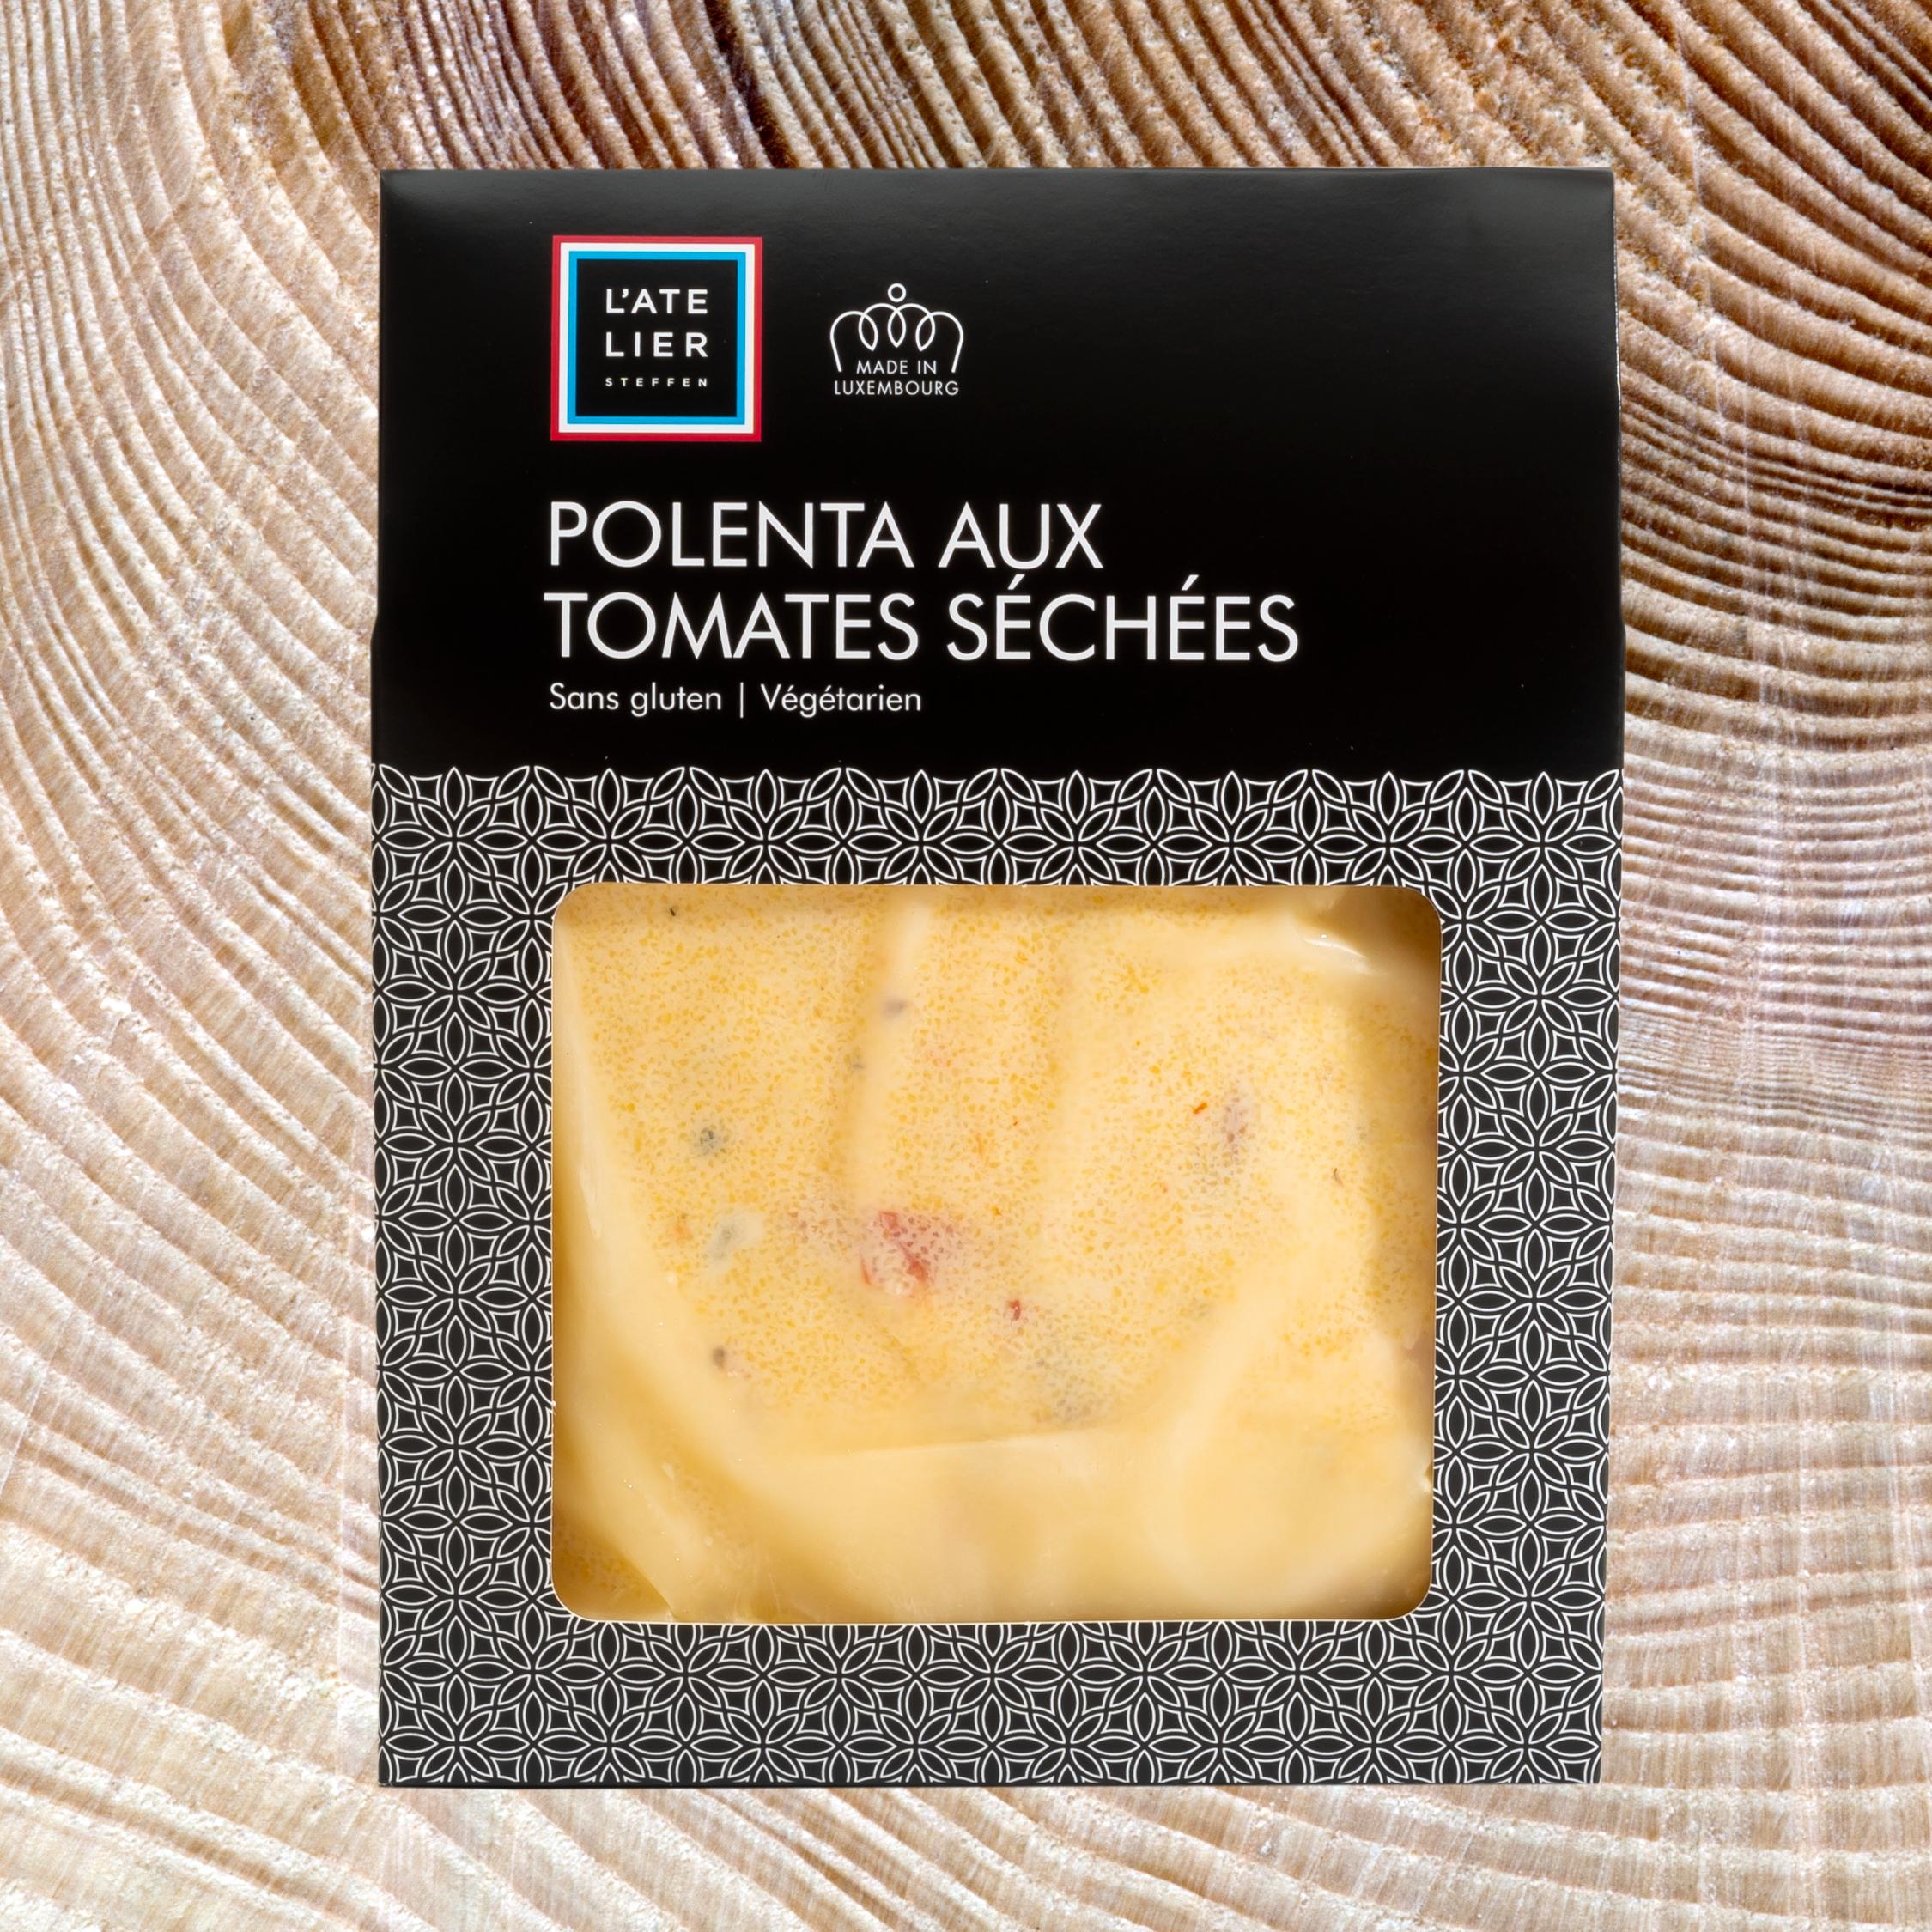 Polenta aux tomates séchées